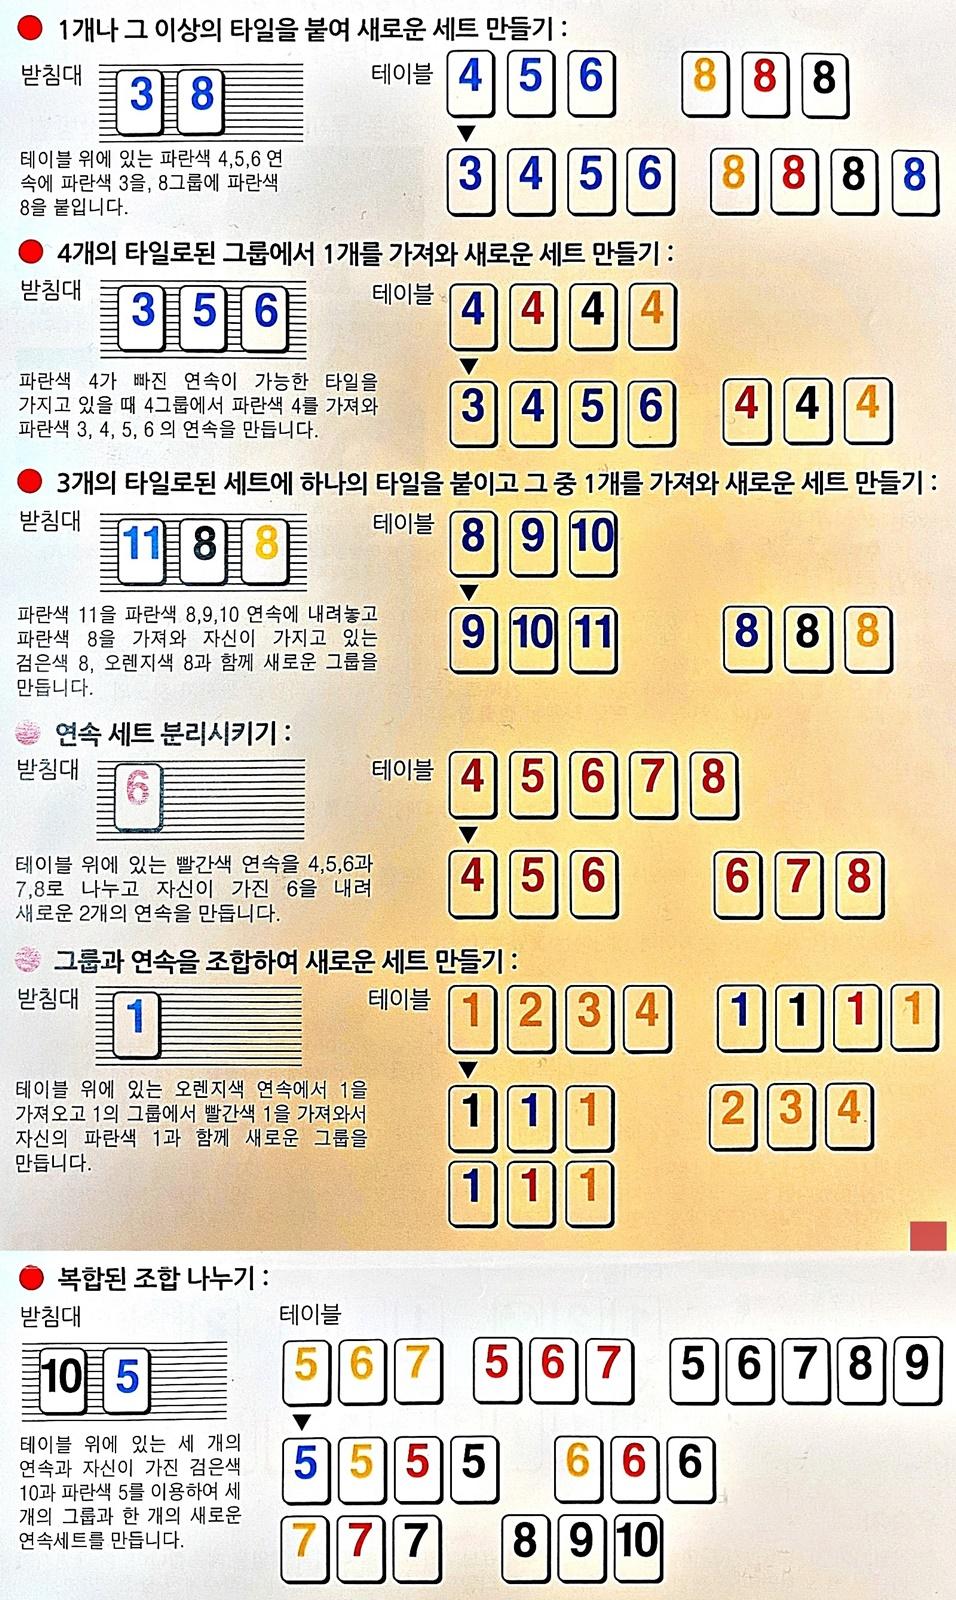 루미큐브 숫자조합 규칙